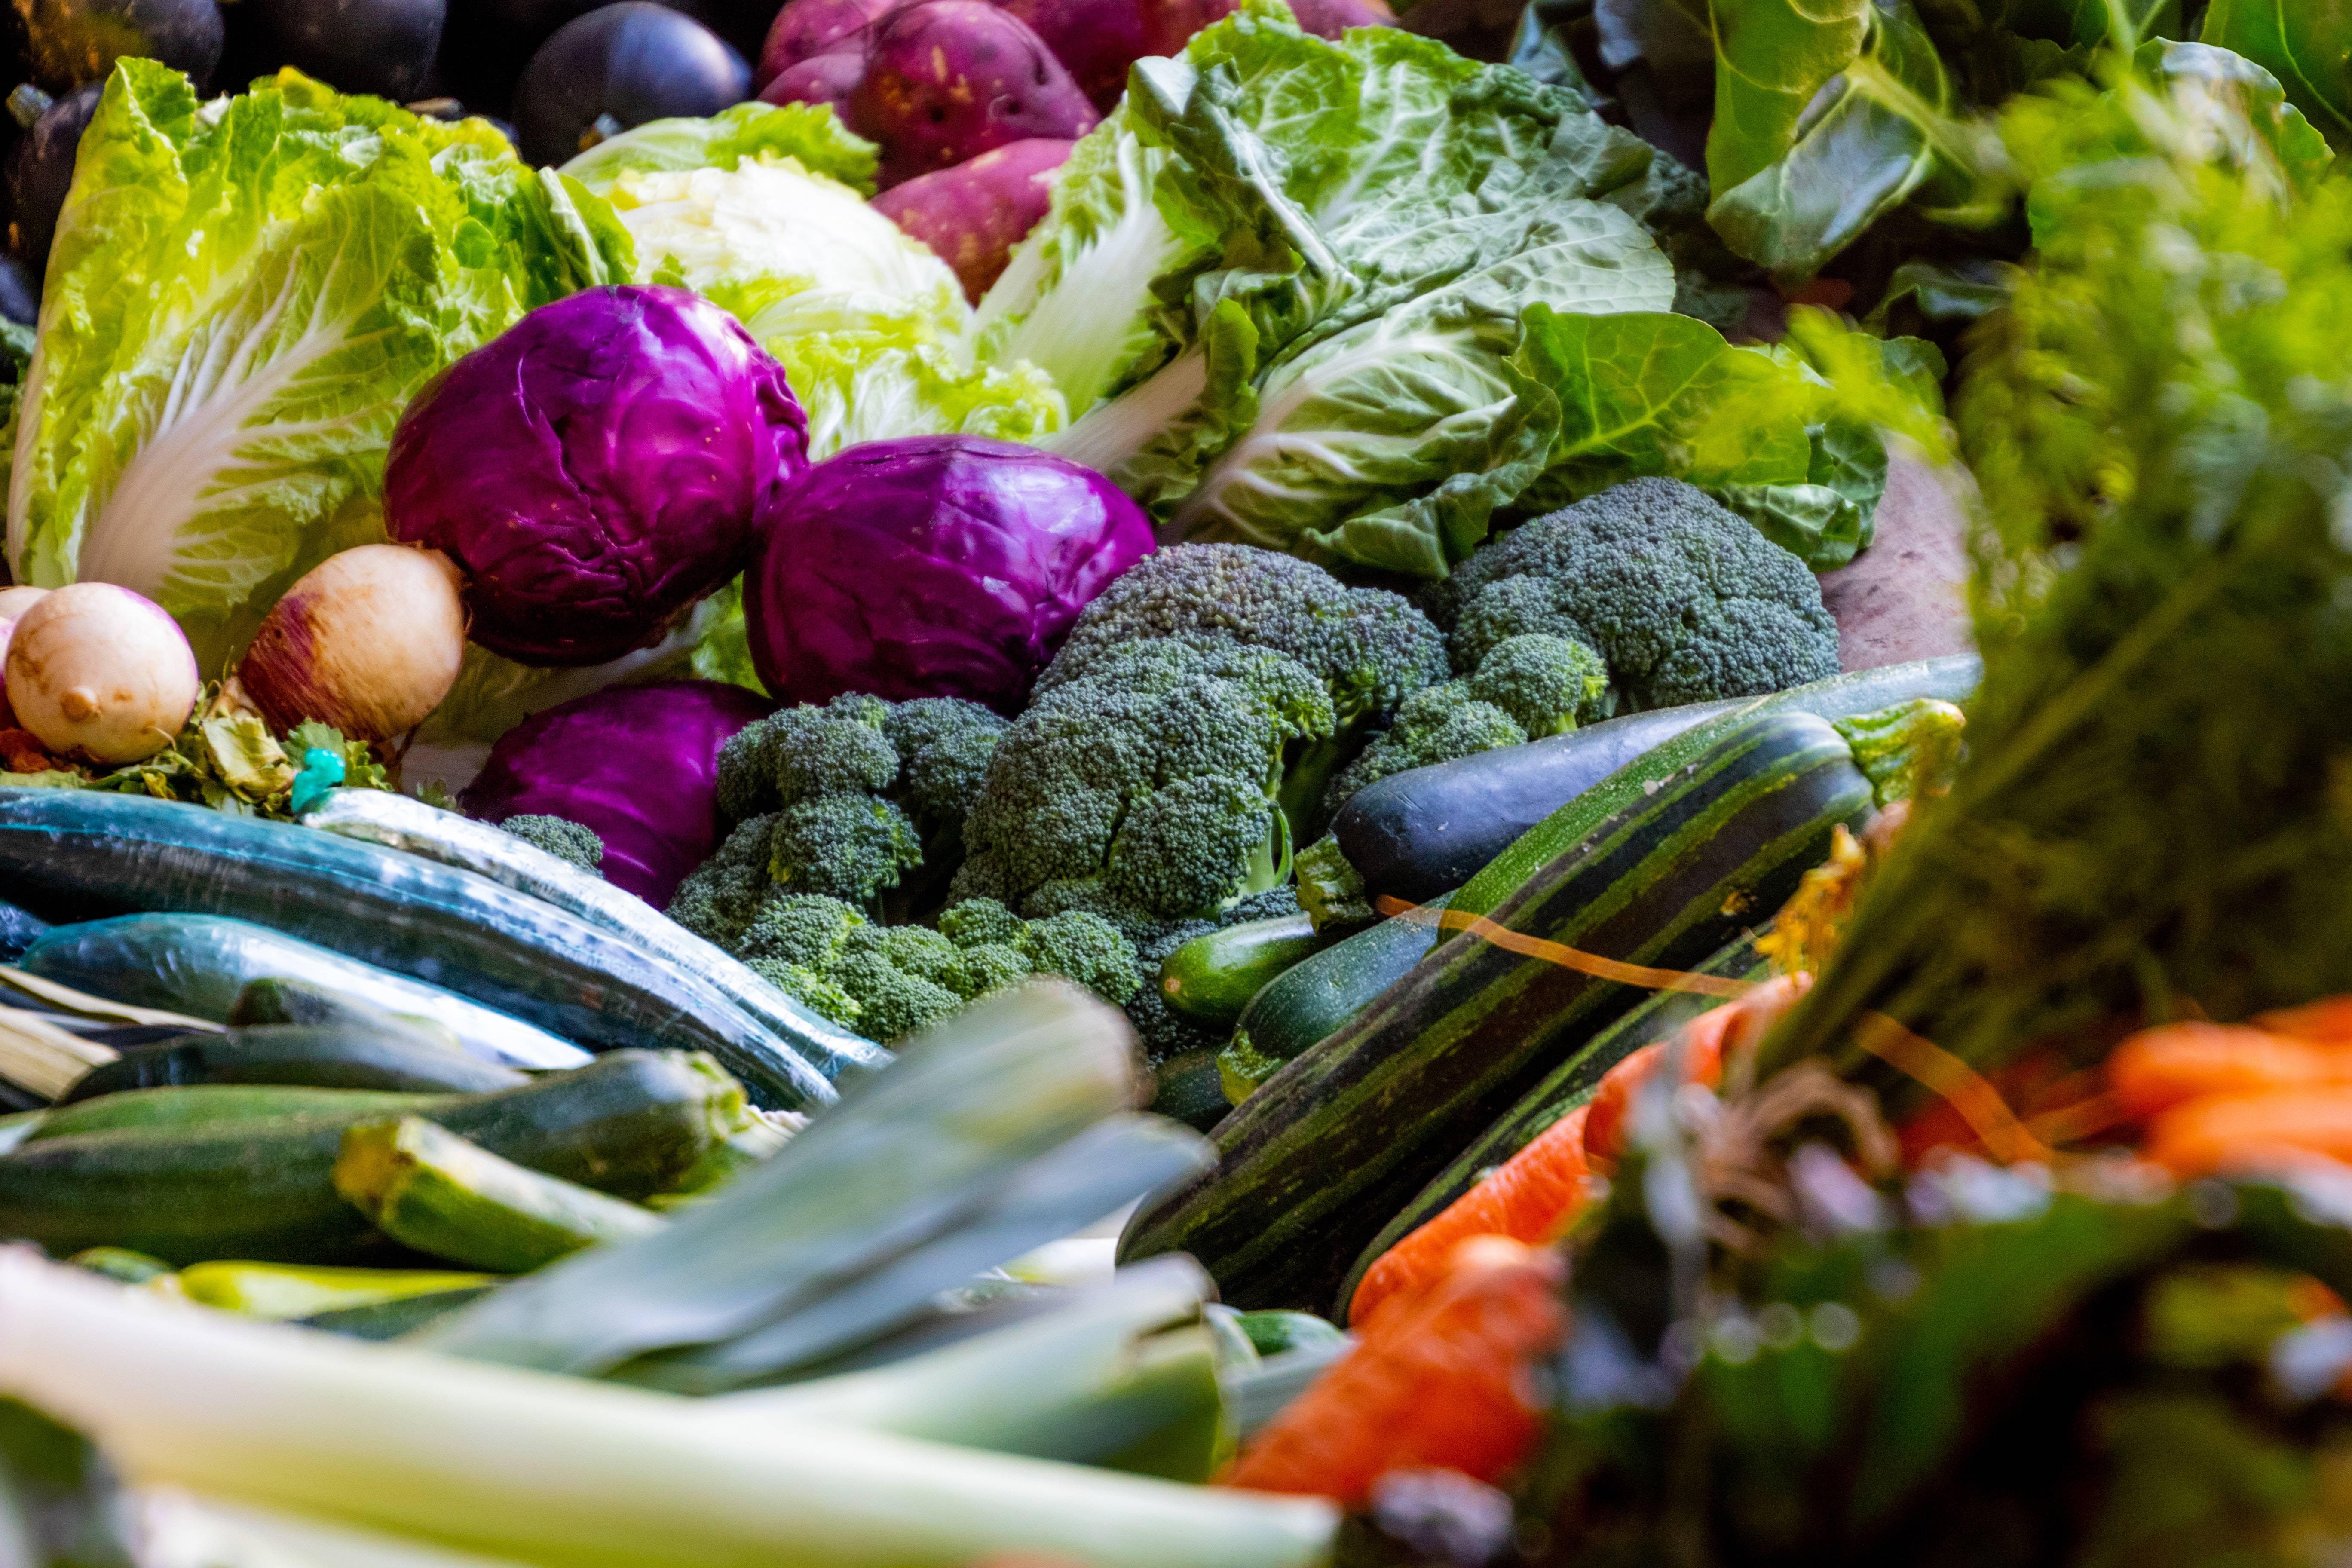 """拼多多带着""""多多买菜""""进入社区,生鲜市场或将改变?"""